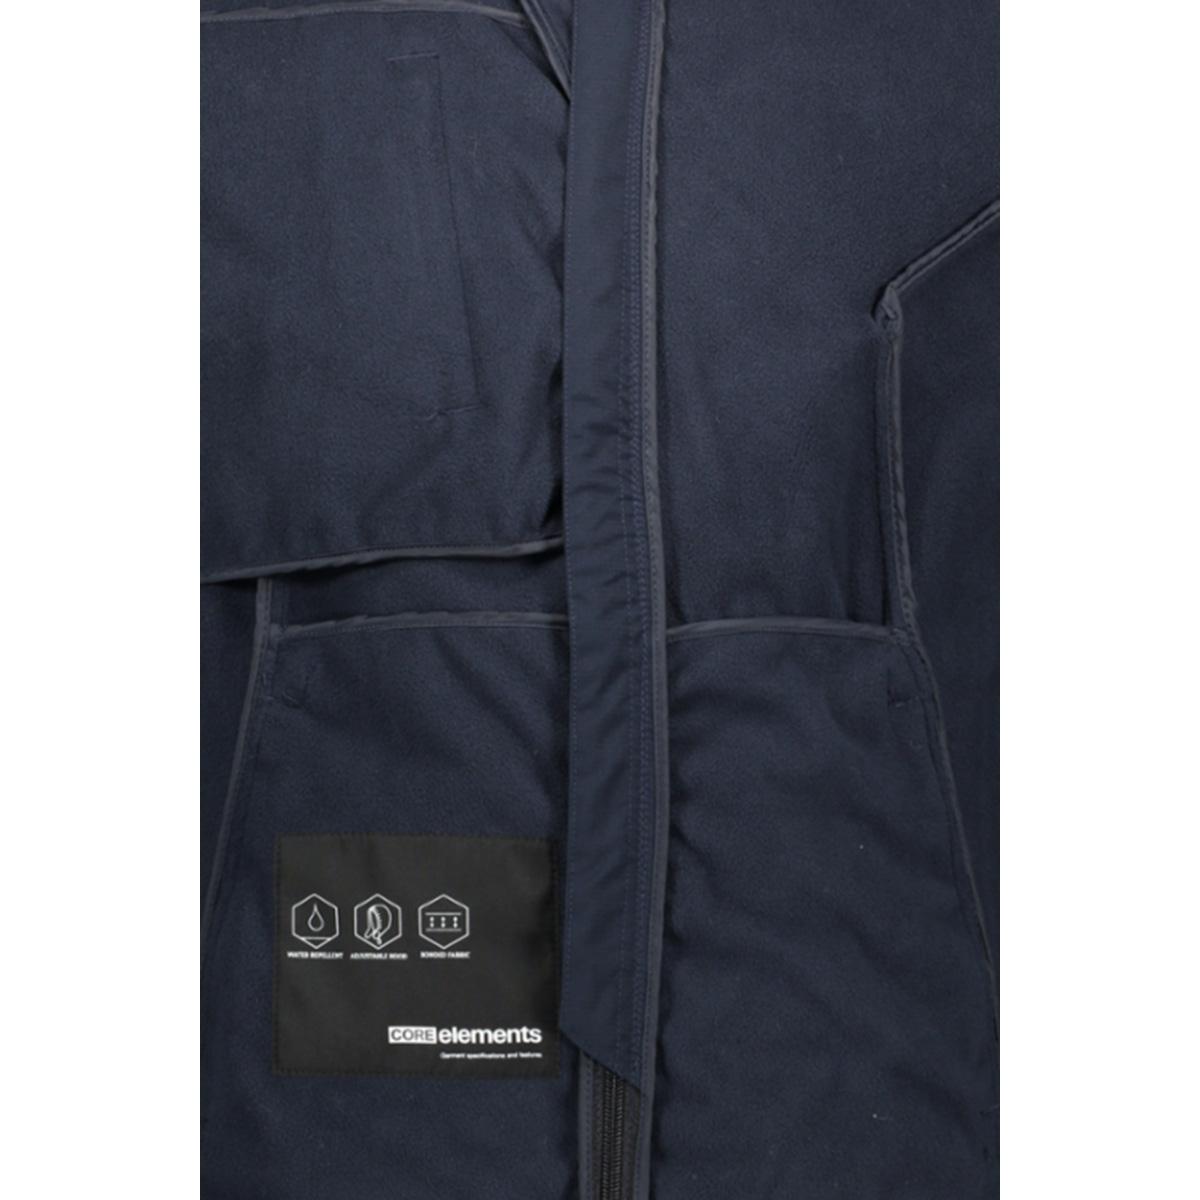 jcoandrew jacket 12165499 jack & jones jas sky captain